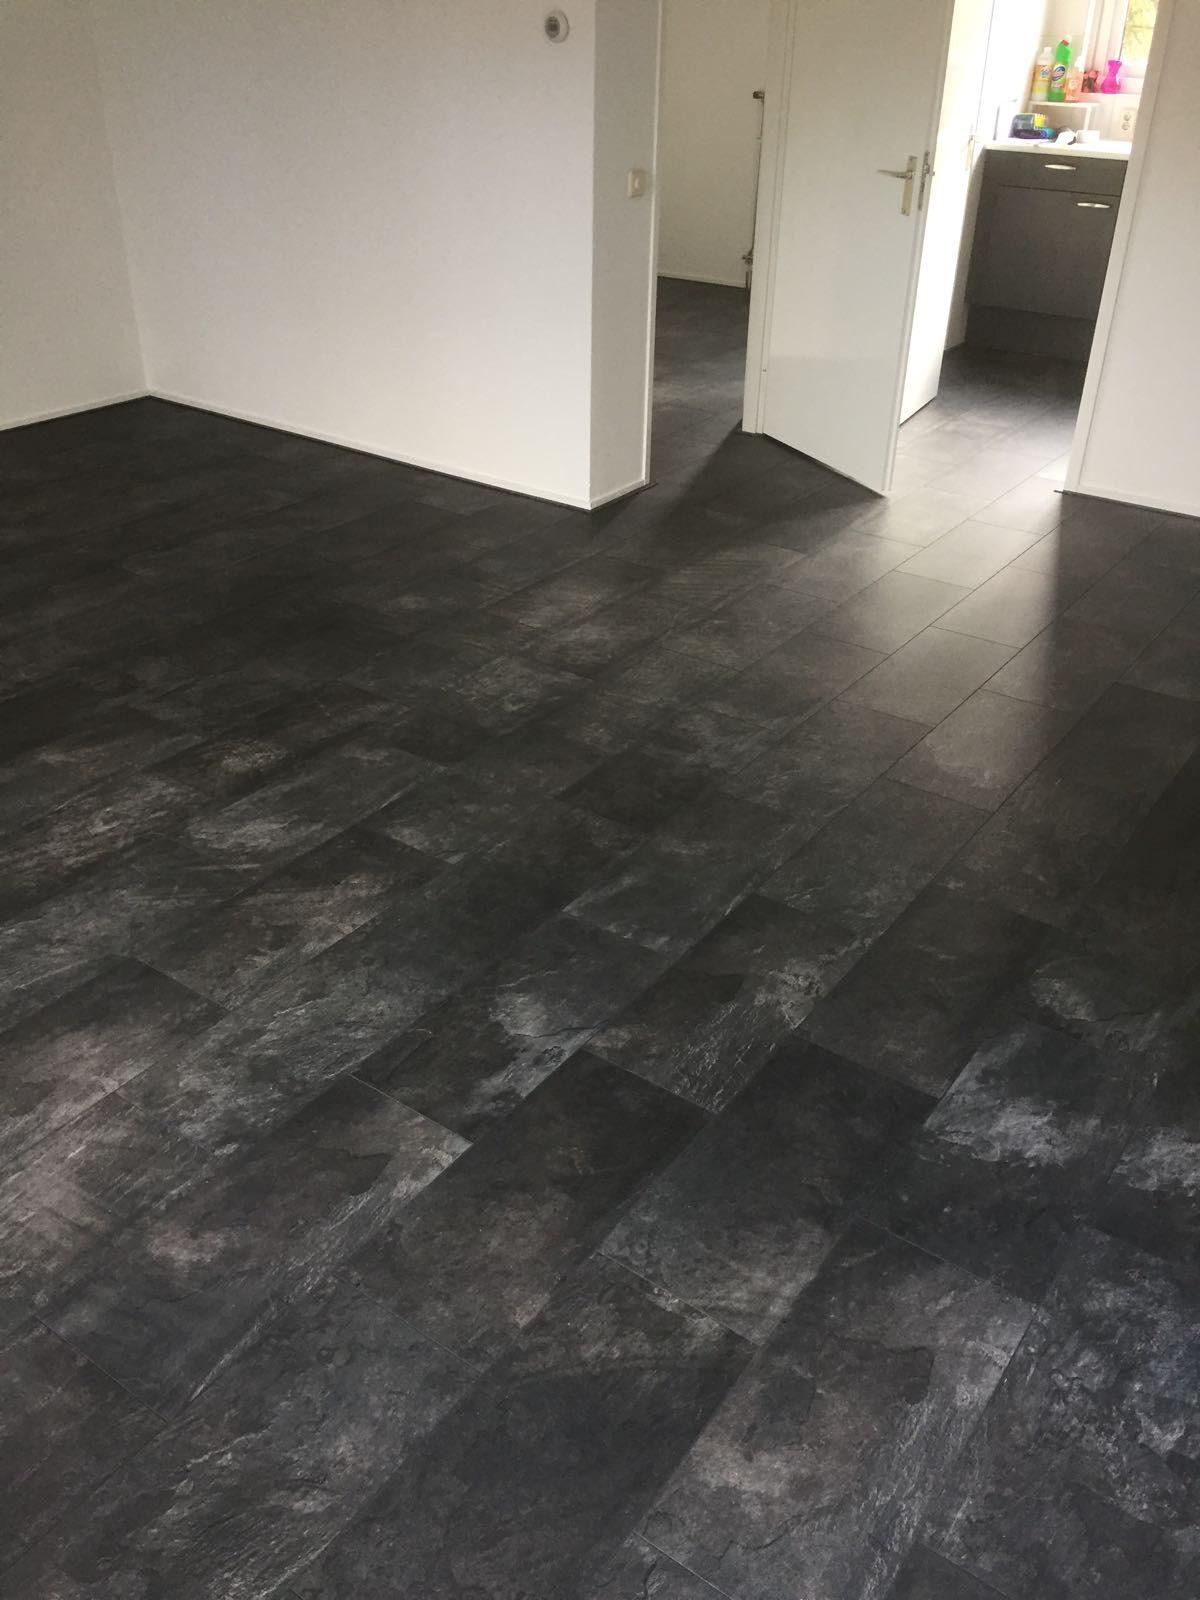 Antraciete marmer tegellaminaat vloeren van Beboparket - woonkamer ...